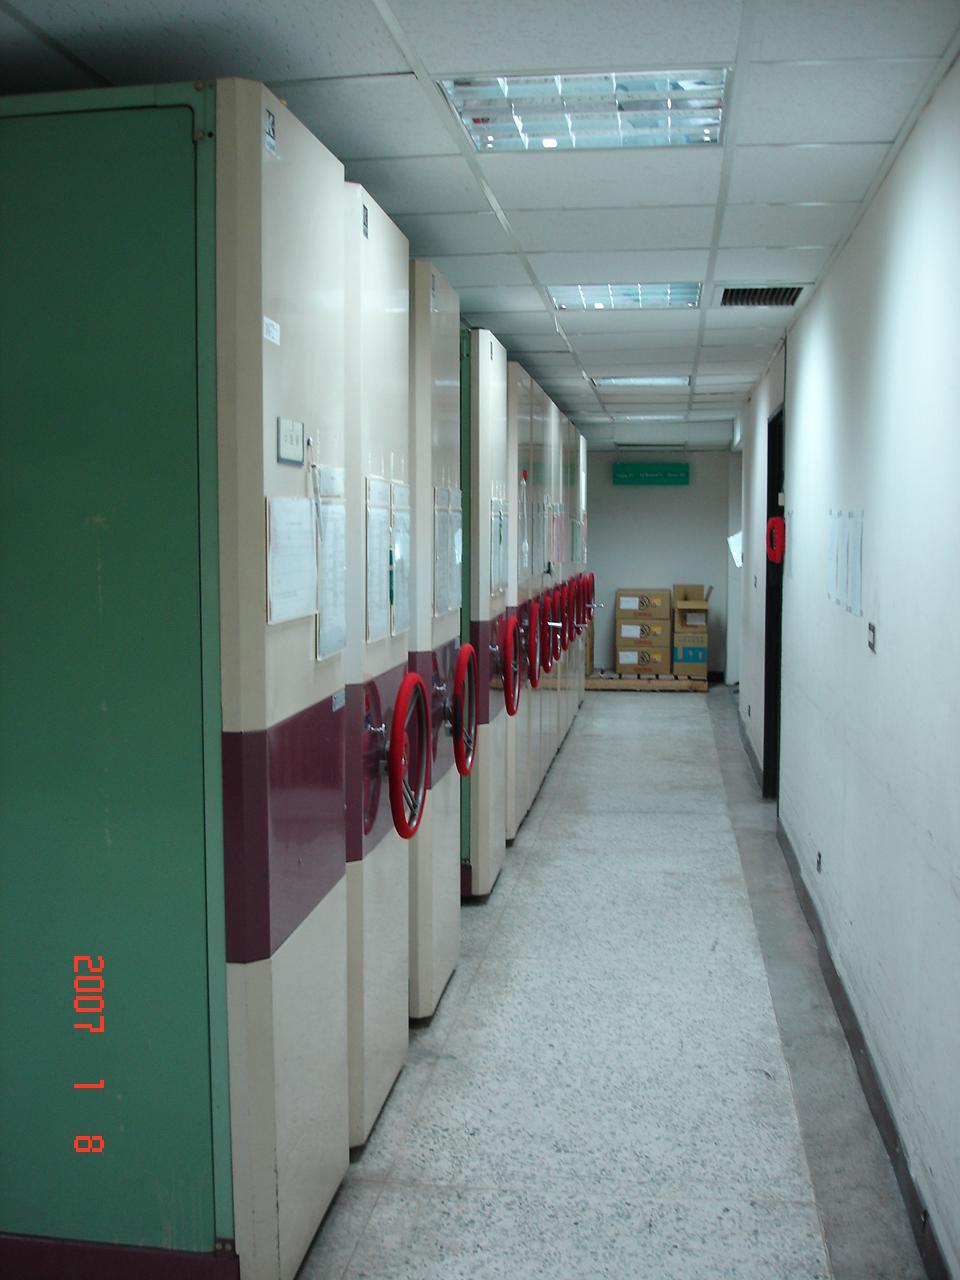 藥品庫存管理空間整潔有序